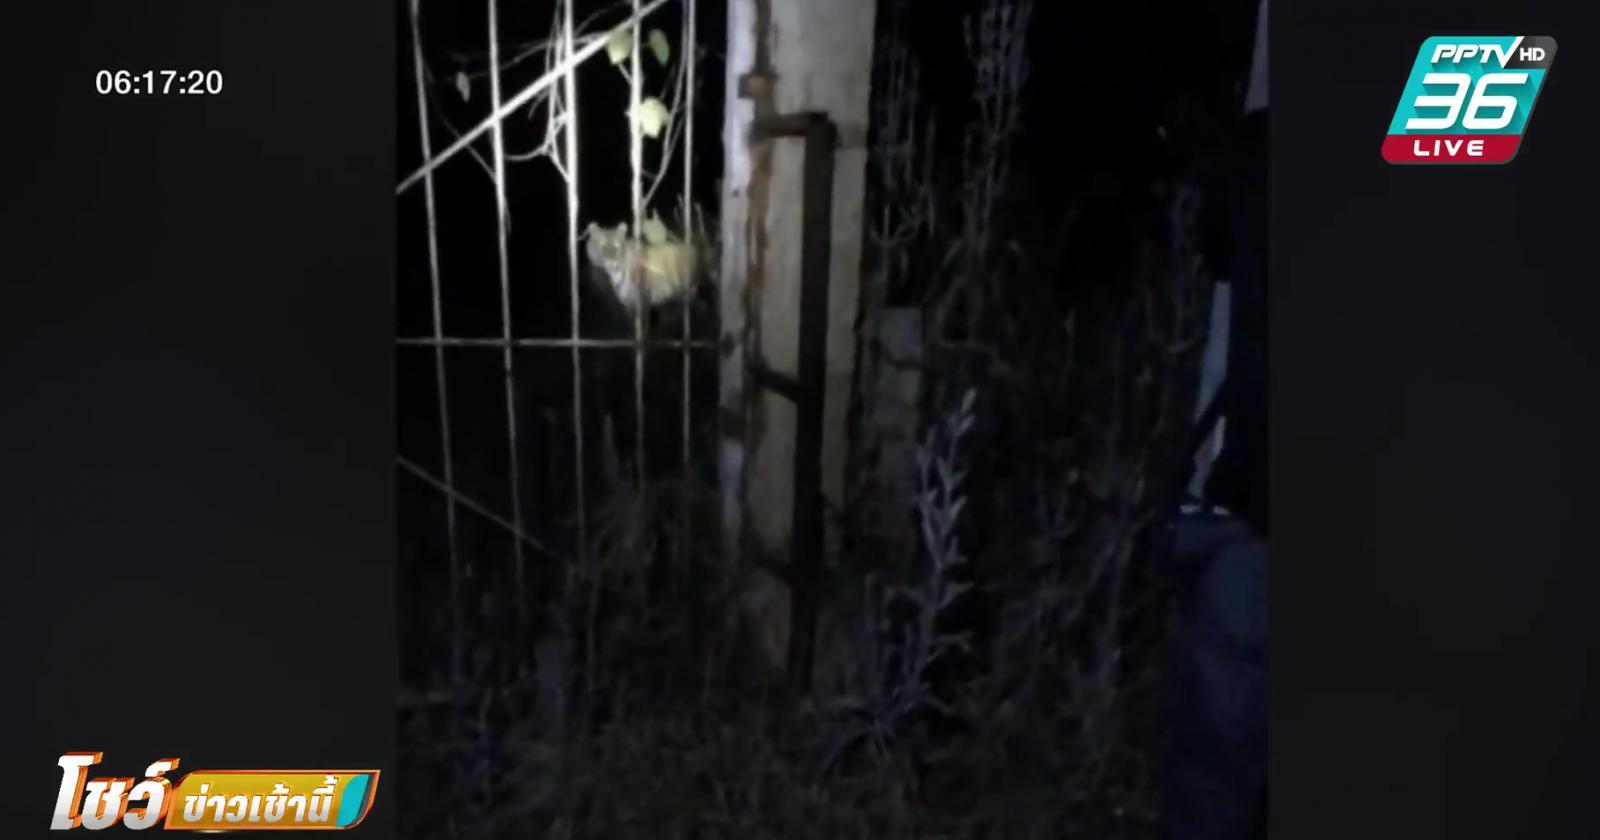 จับเสือหลุดจากสถานีเพาะเลี้ยงสัตว์ป่าเขาสน